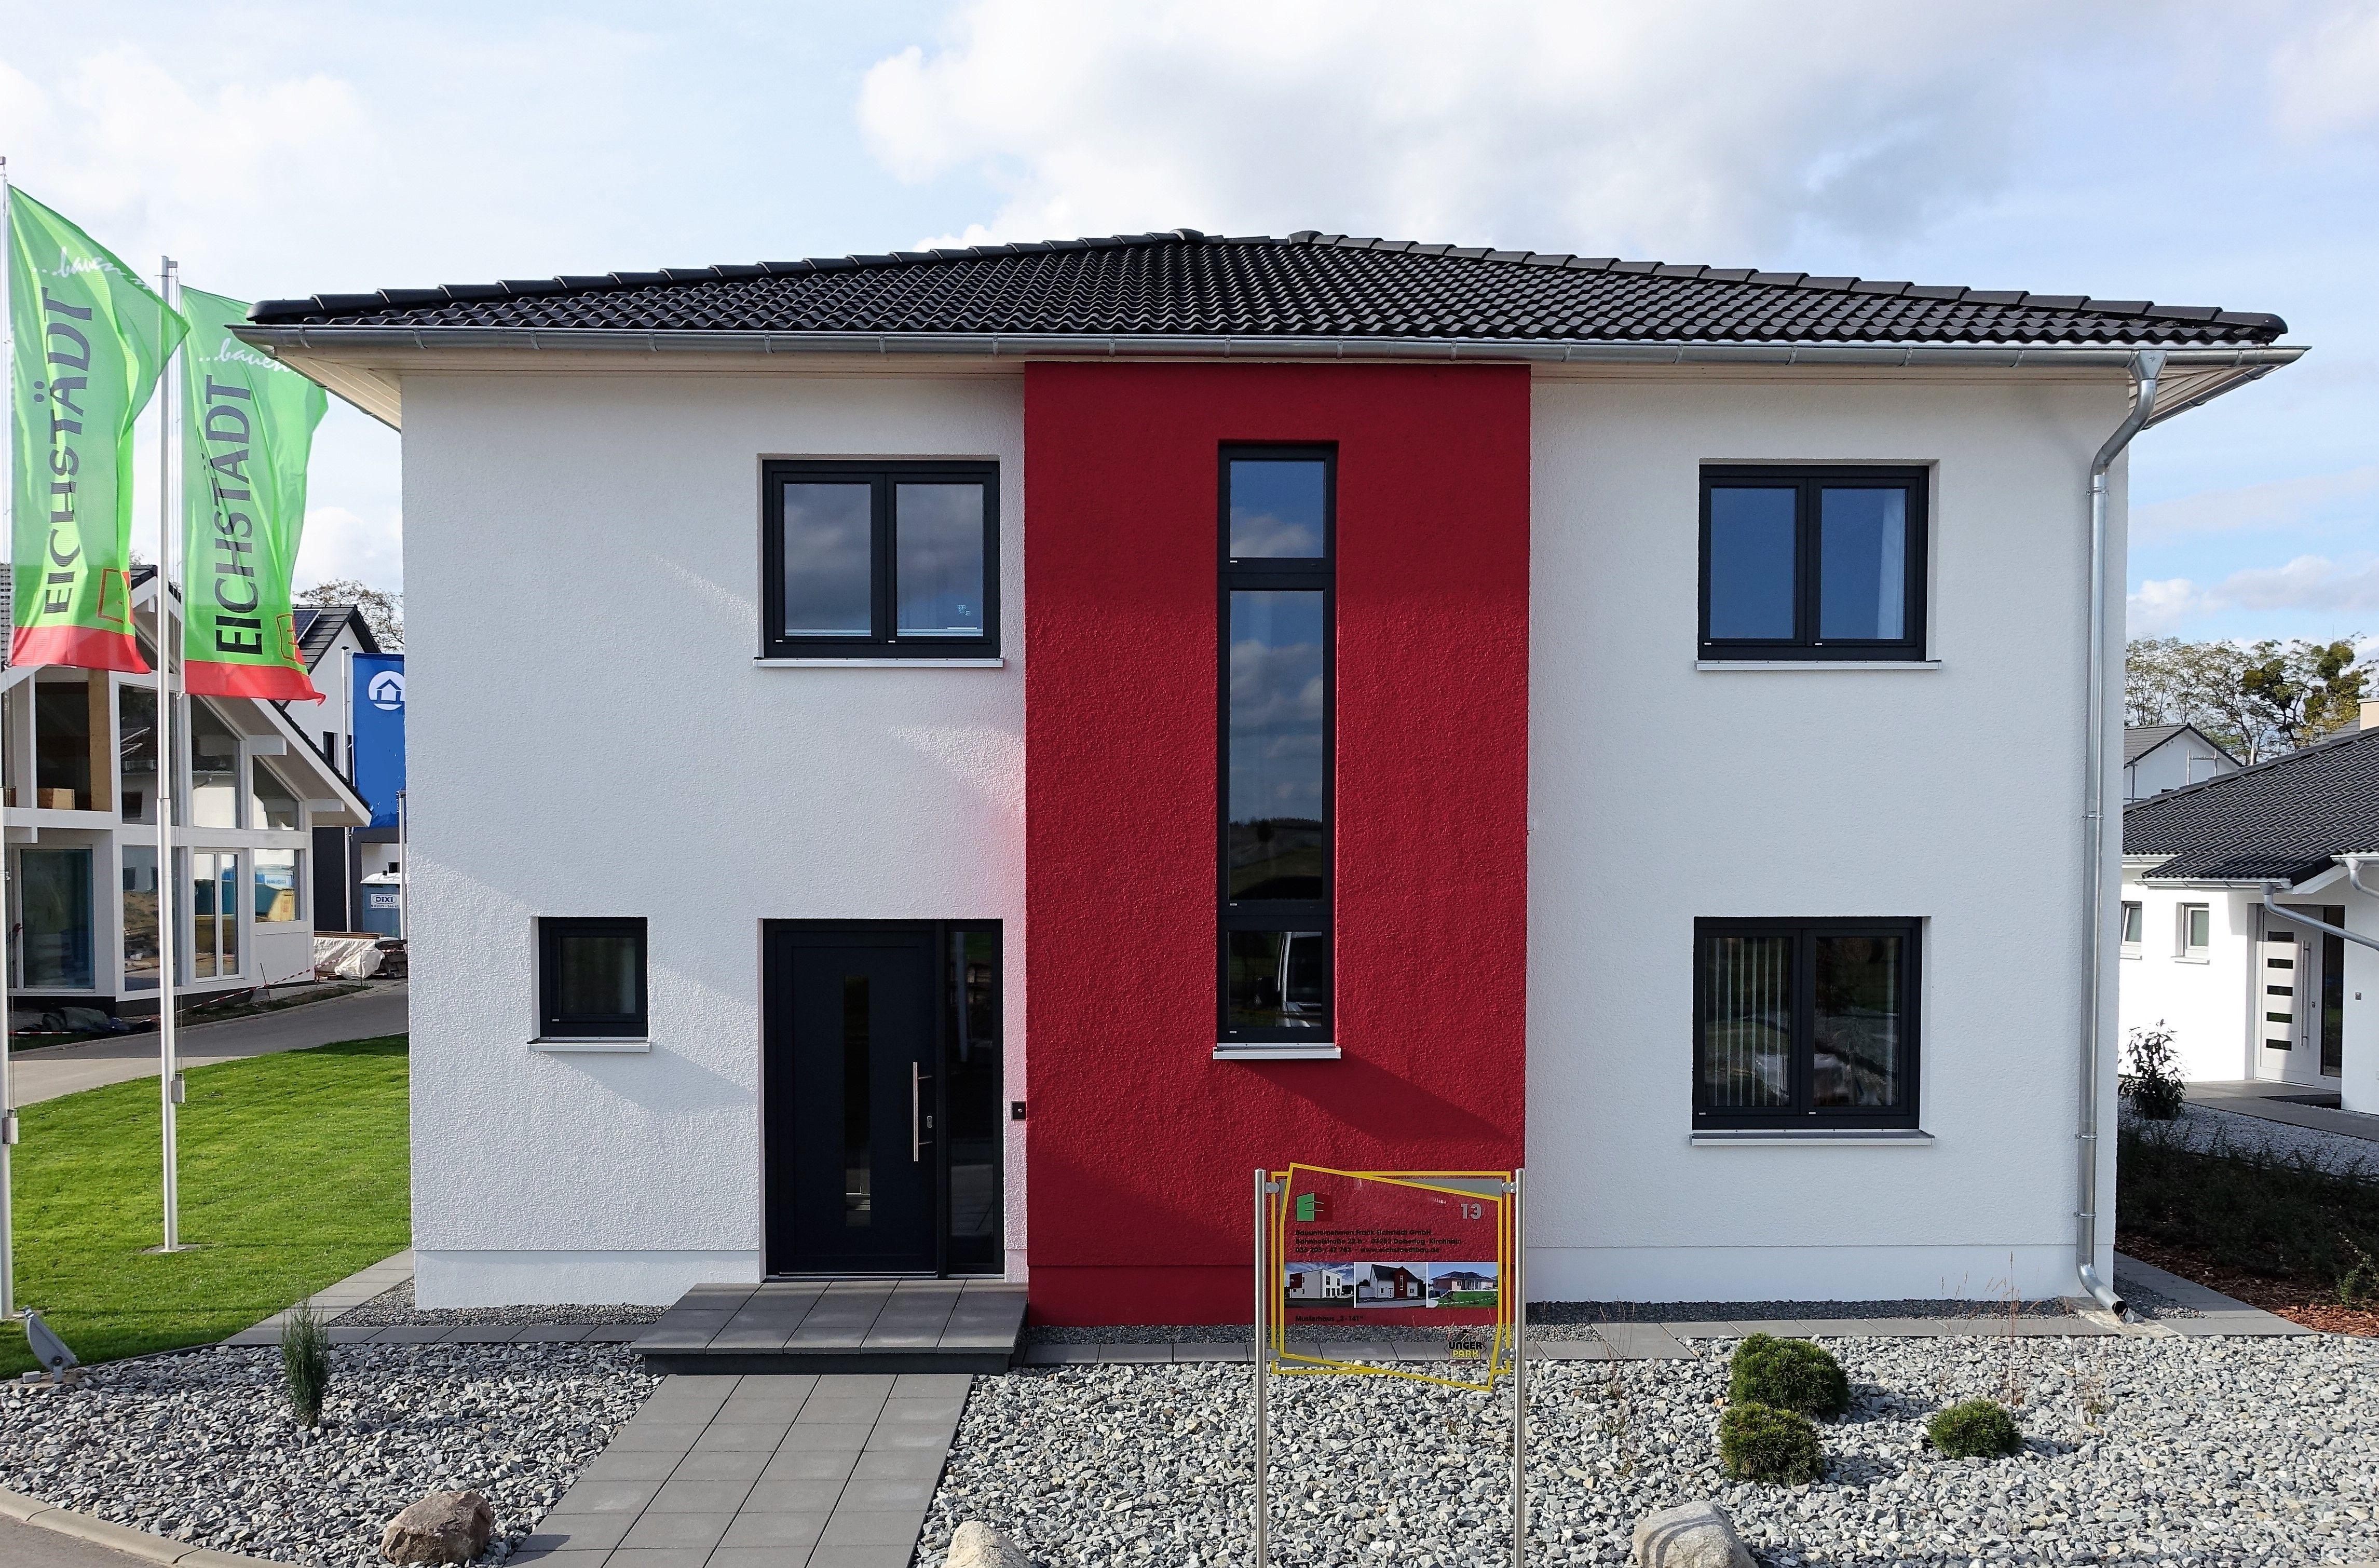 Bauunternehmen Frank Eichstadt Dresden Bauunternehmen Stadtvilla Haus